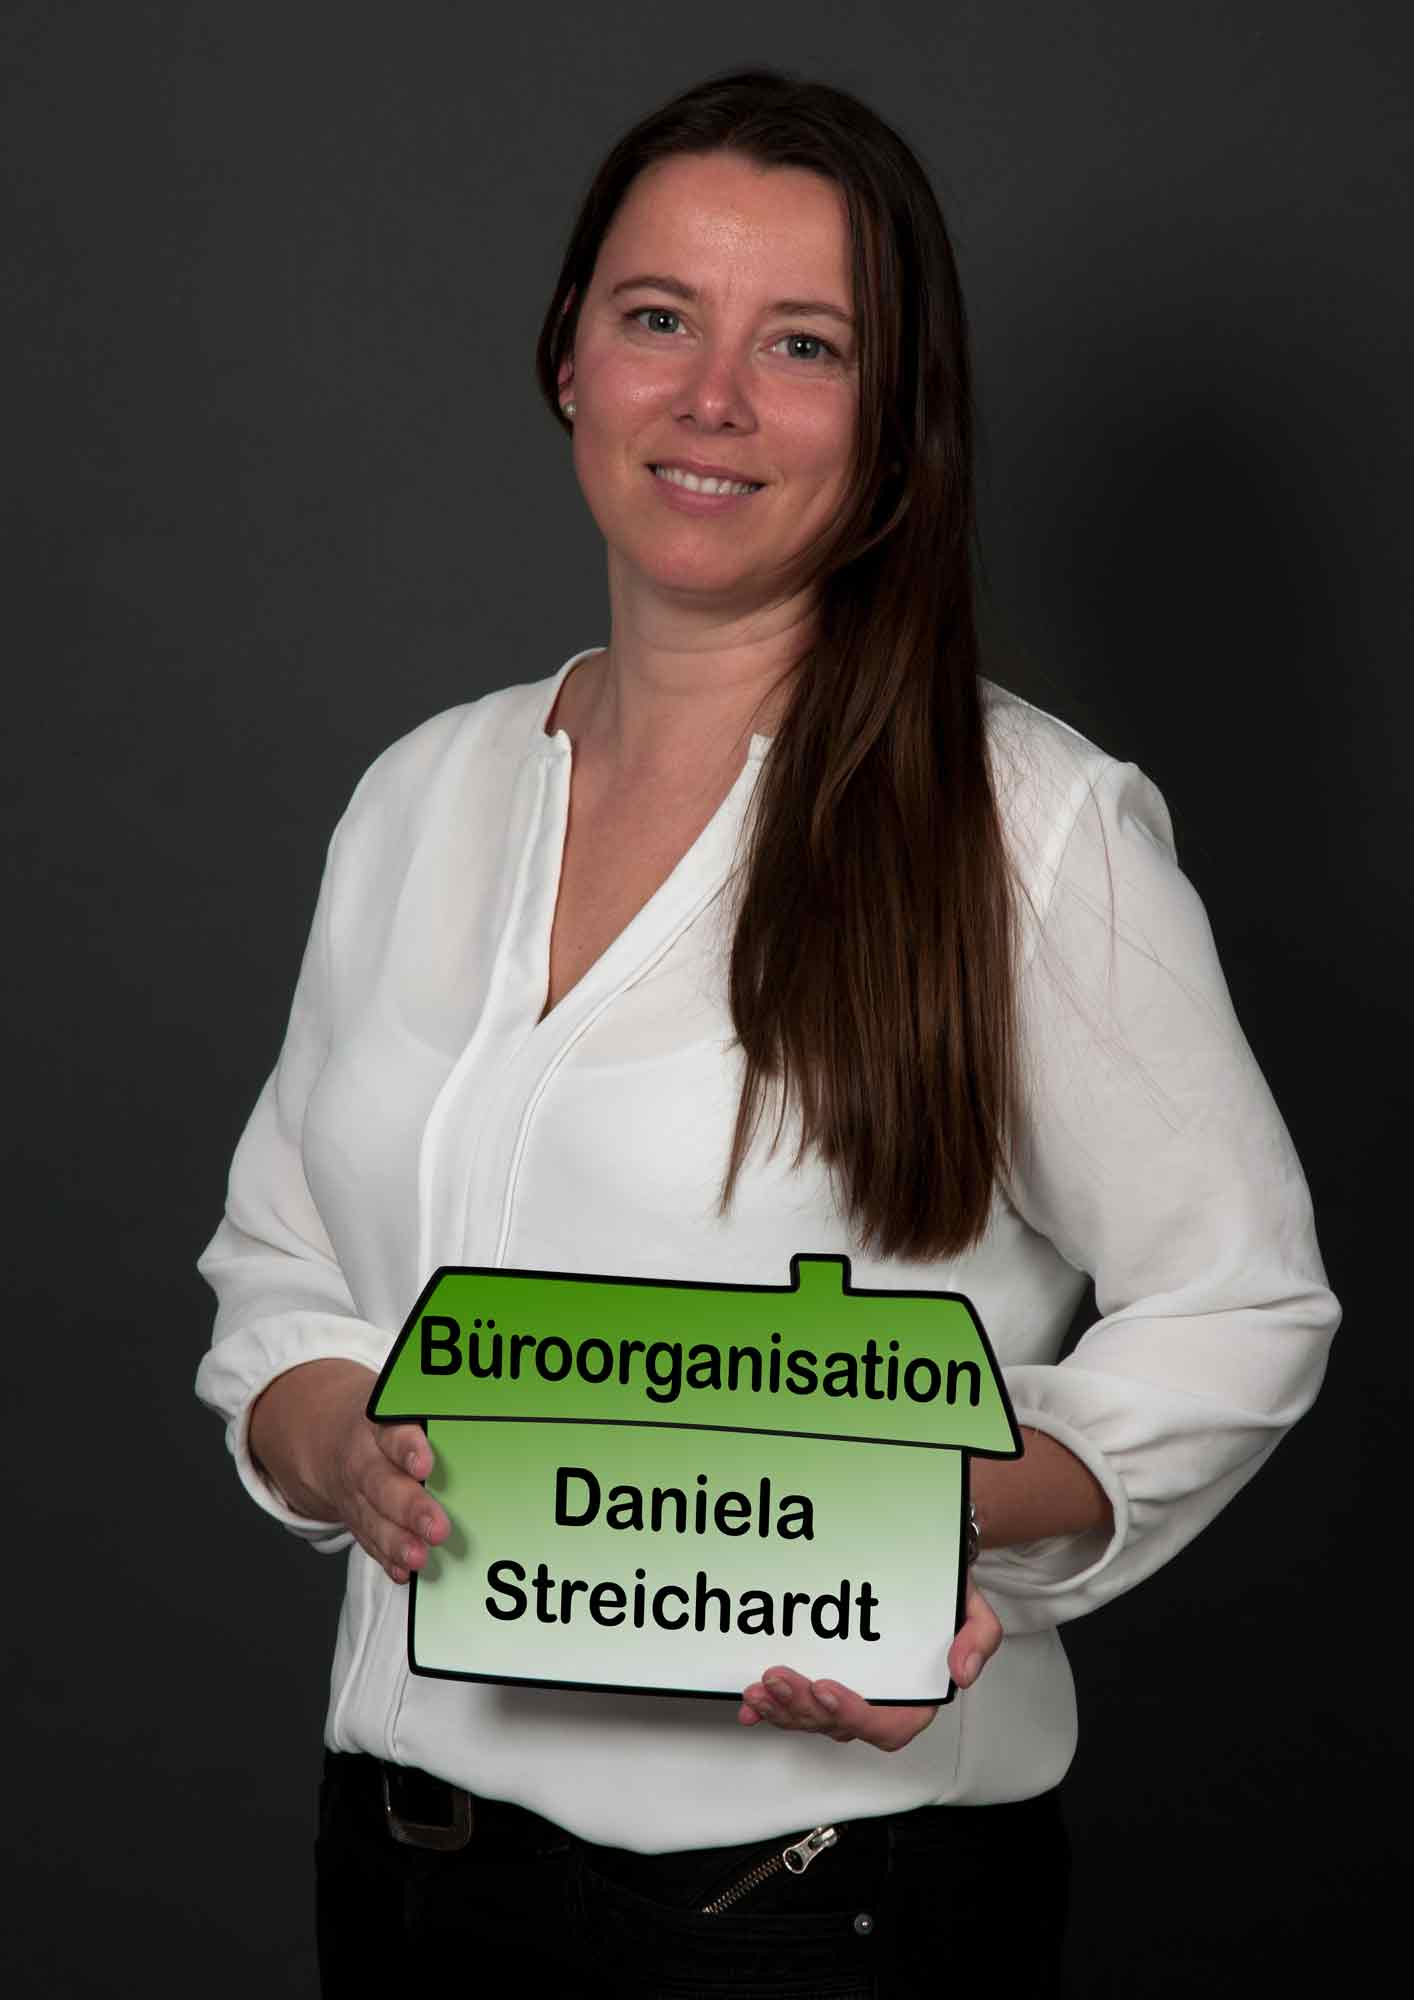 Daniela Streichardt